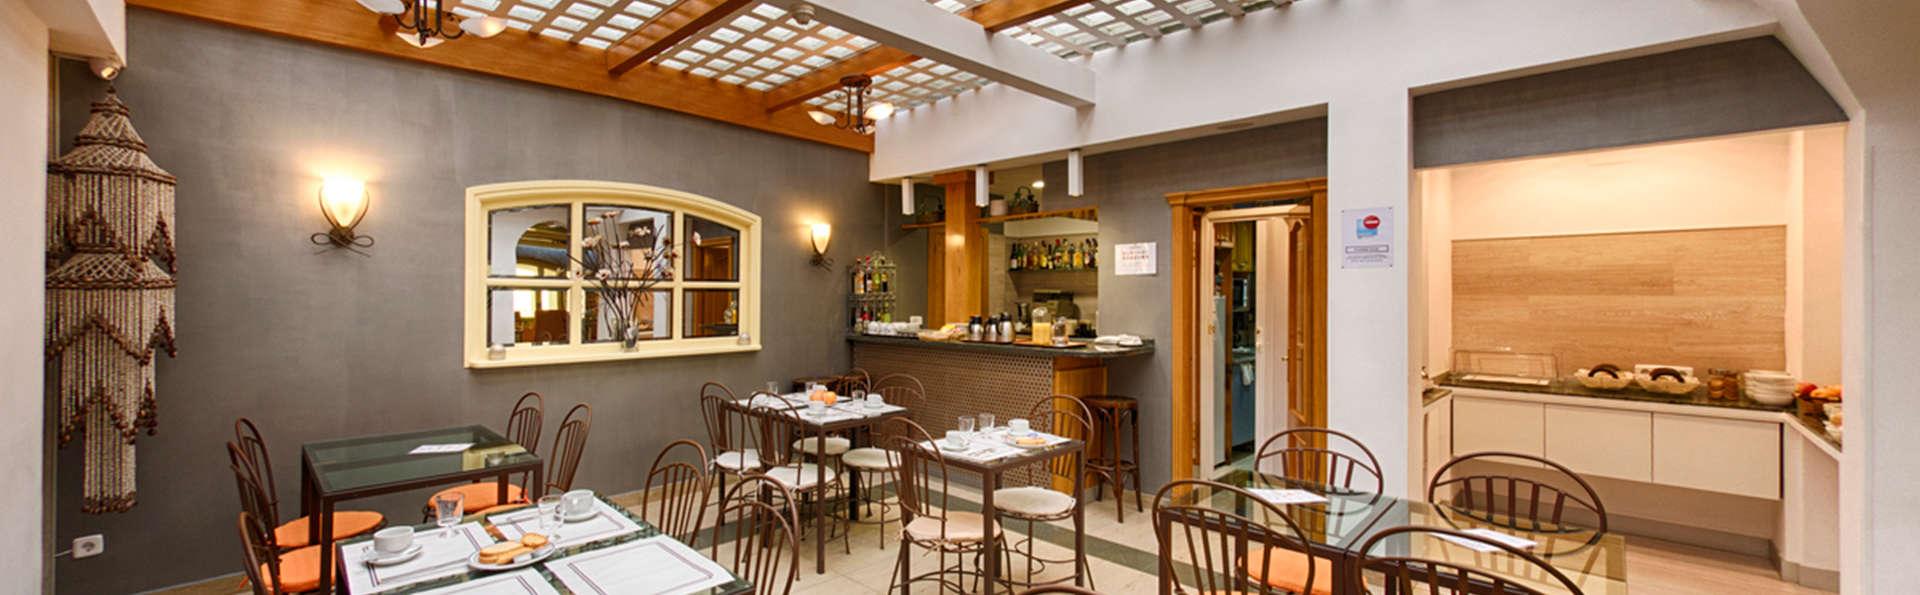 Weekend Con Cena Madrid con 1 pranzo o cena in regalo in un ...